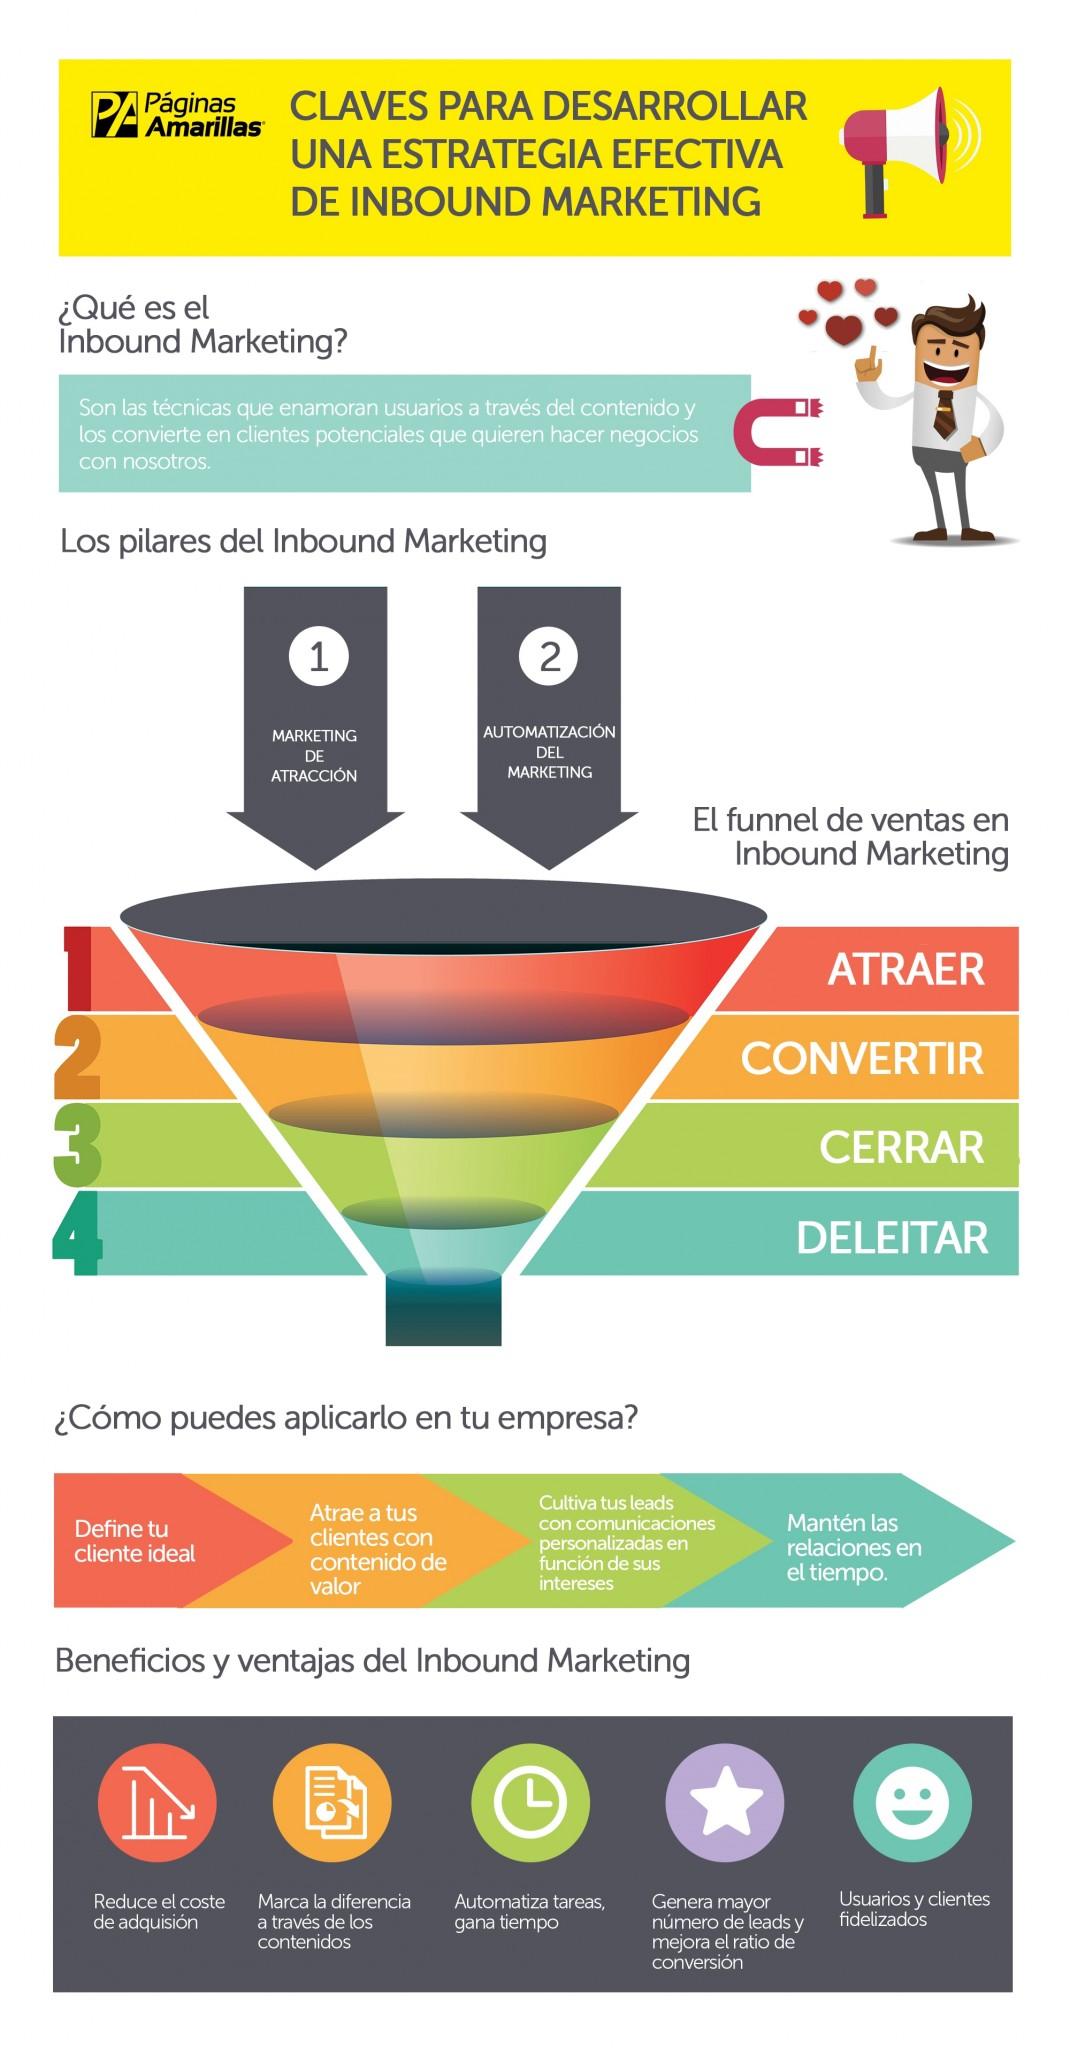 laves para desarrollar una estrategia efectiva de inbound marketing